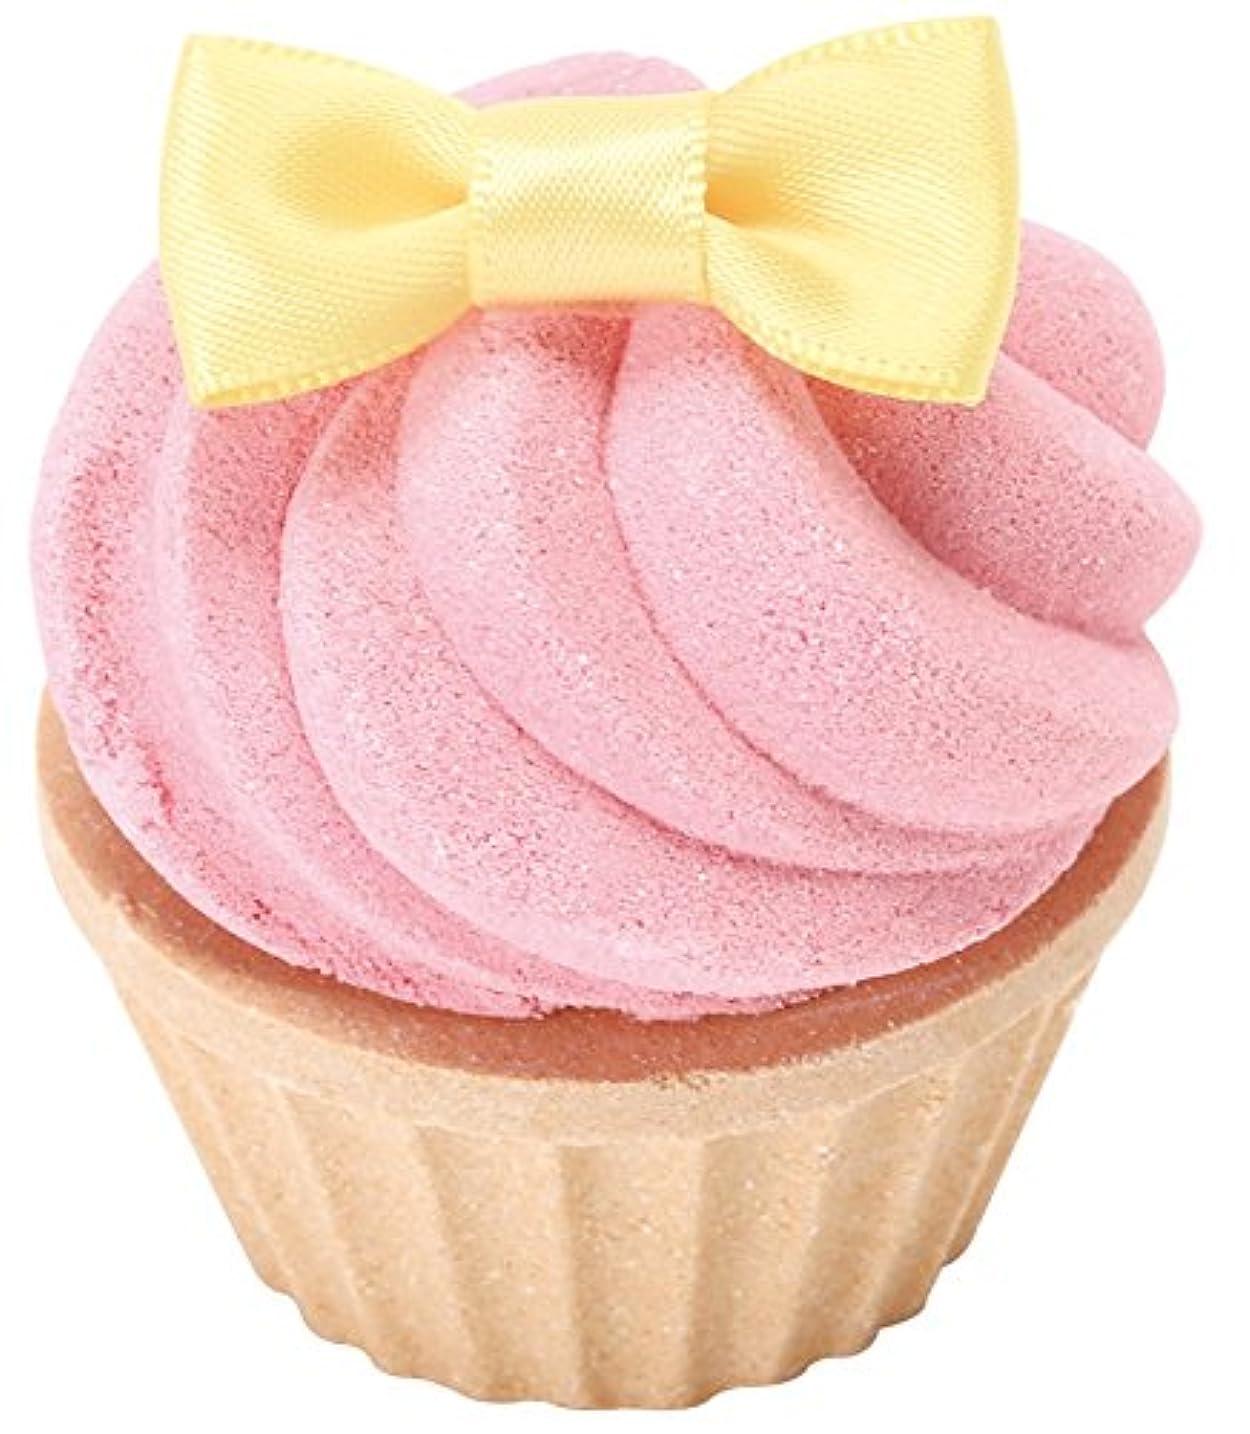 意志不安ビジターノルコーポレーション お風呂用 芳香剤 おめかしカップケーキフィズ 60g ラズベリーの香り OB-SMM-14-1